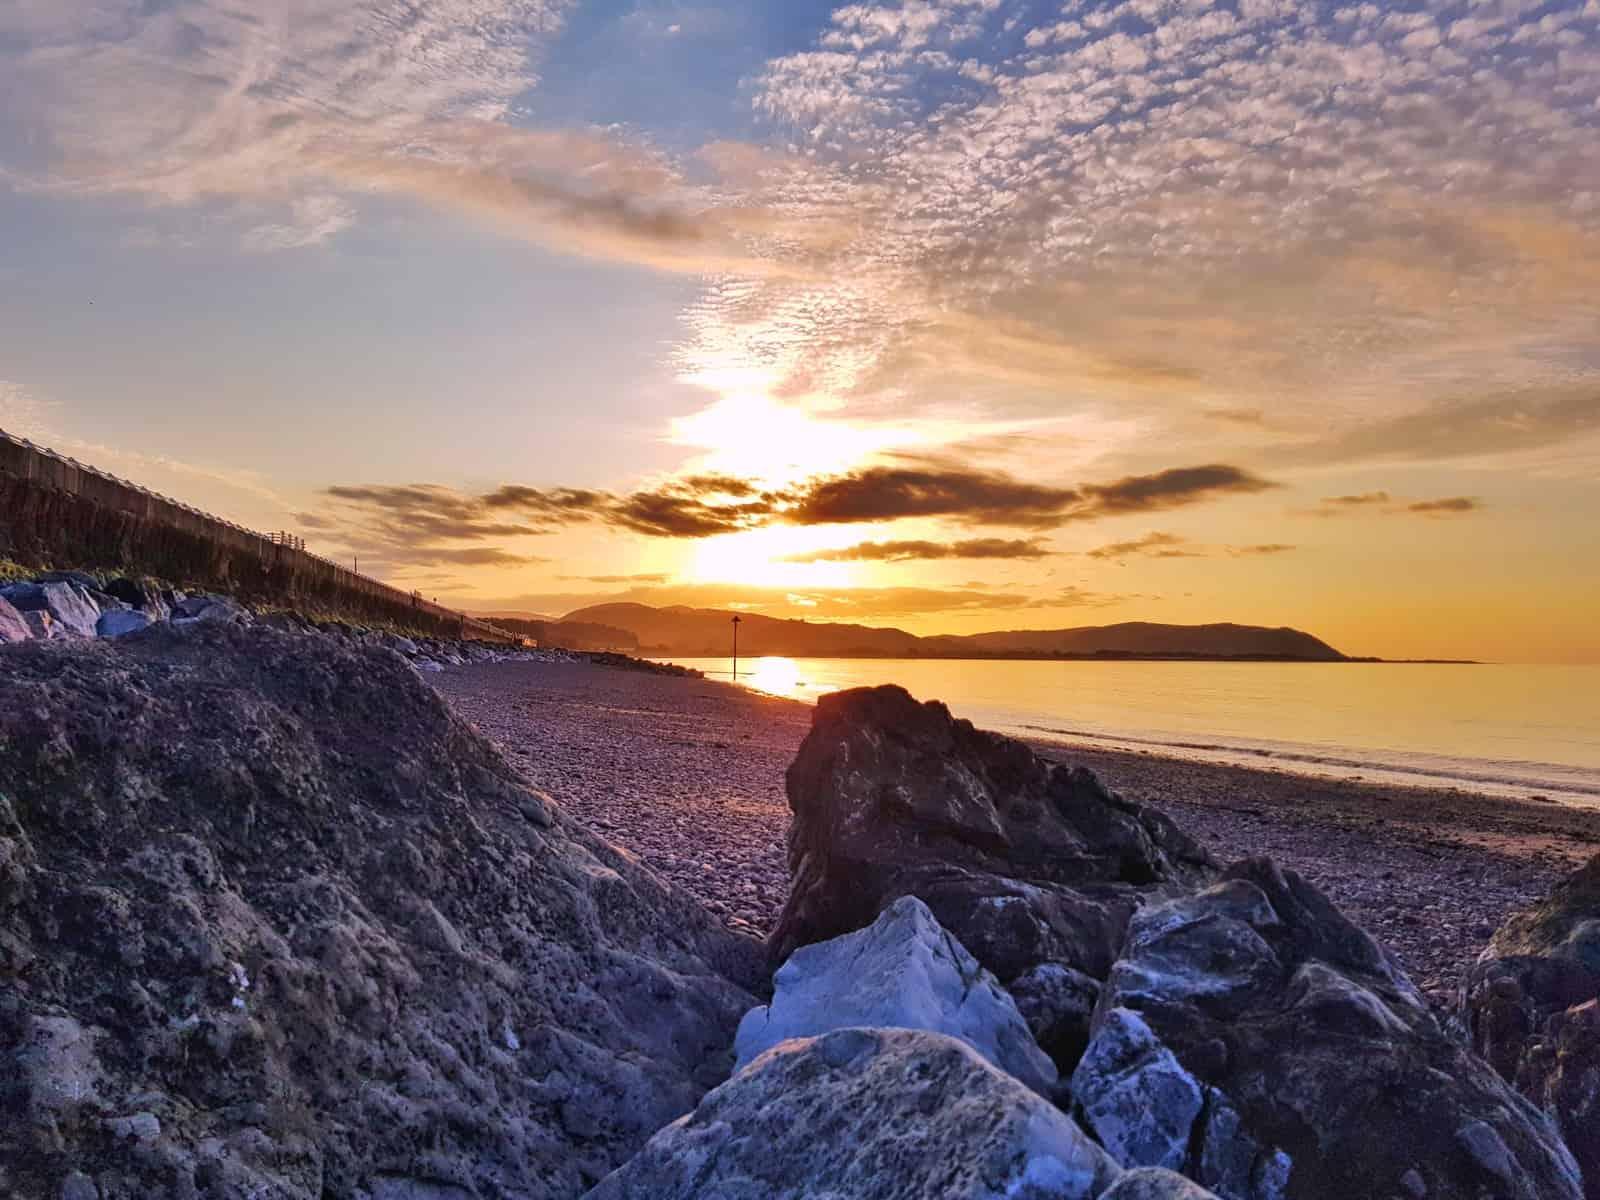 Hoburne Blue Anchor rocks on beach at sunset